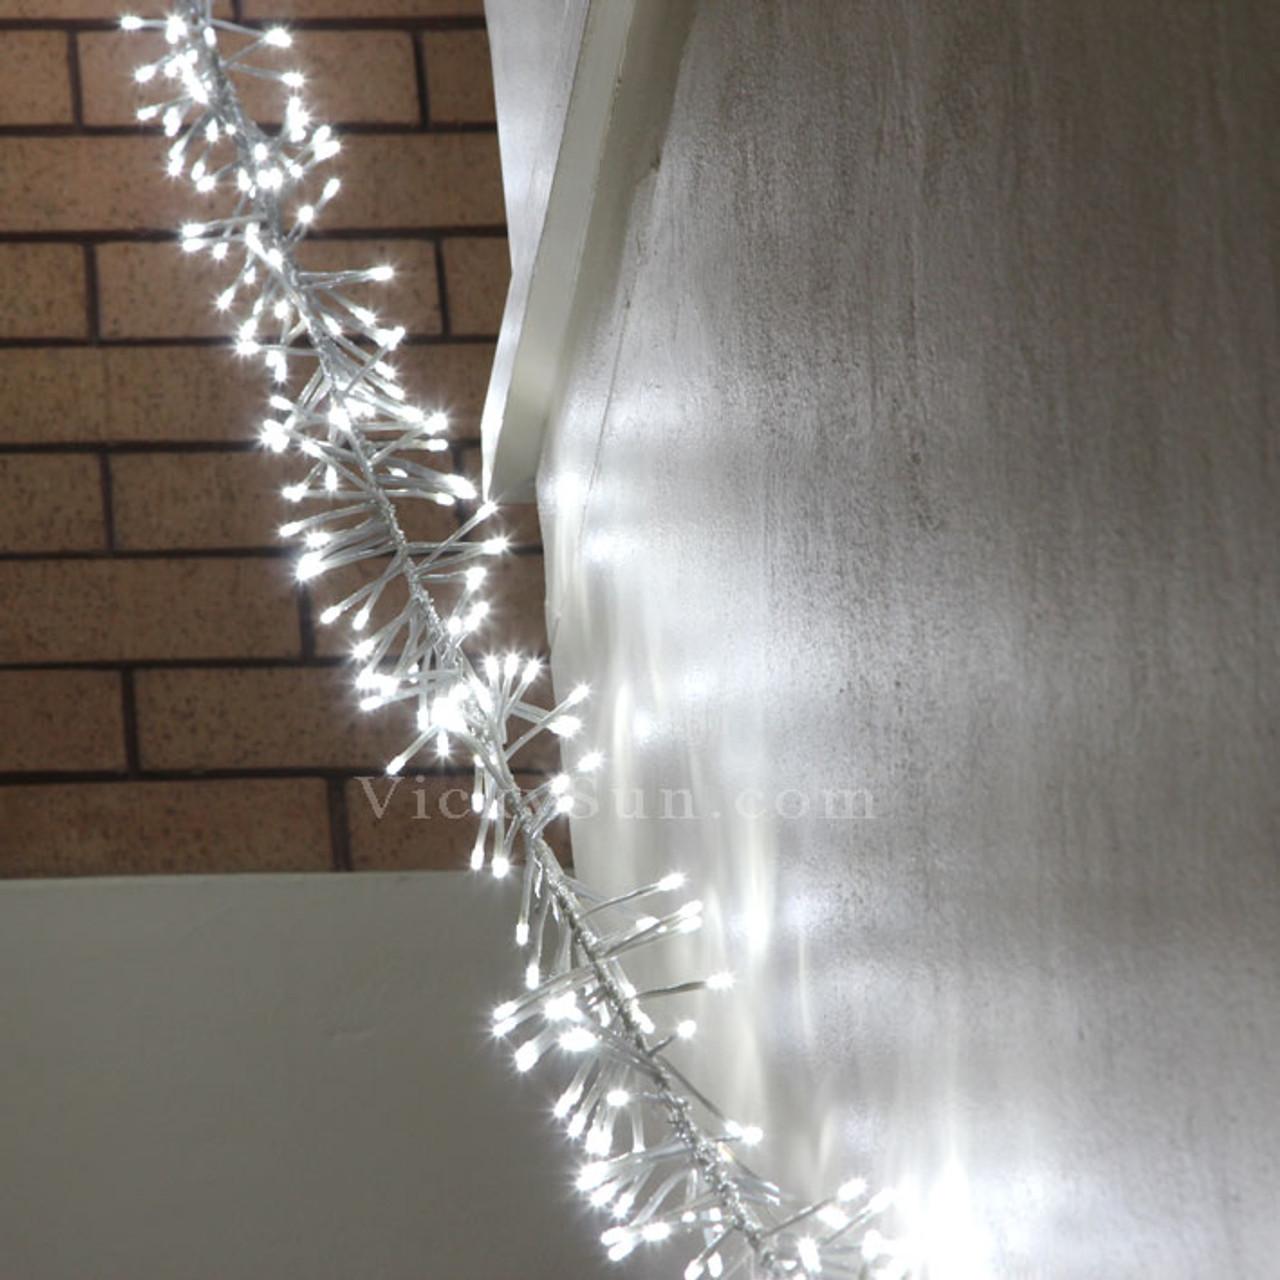 Clear Christmas Lights.5m 520 Led White Firecracker Chaser String Christmas Lights Clear Wire